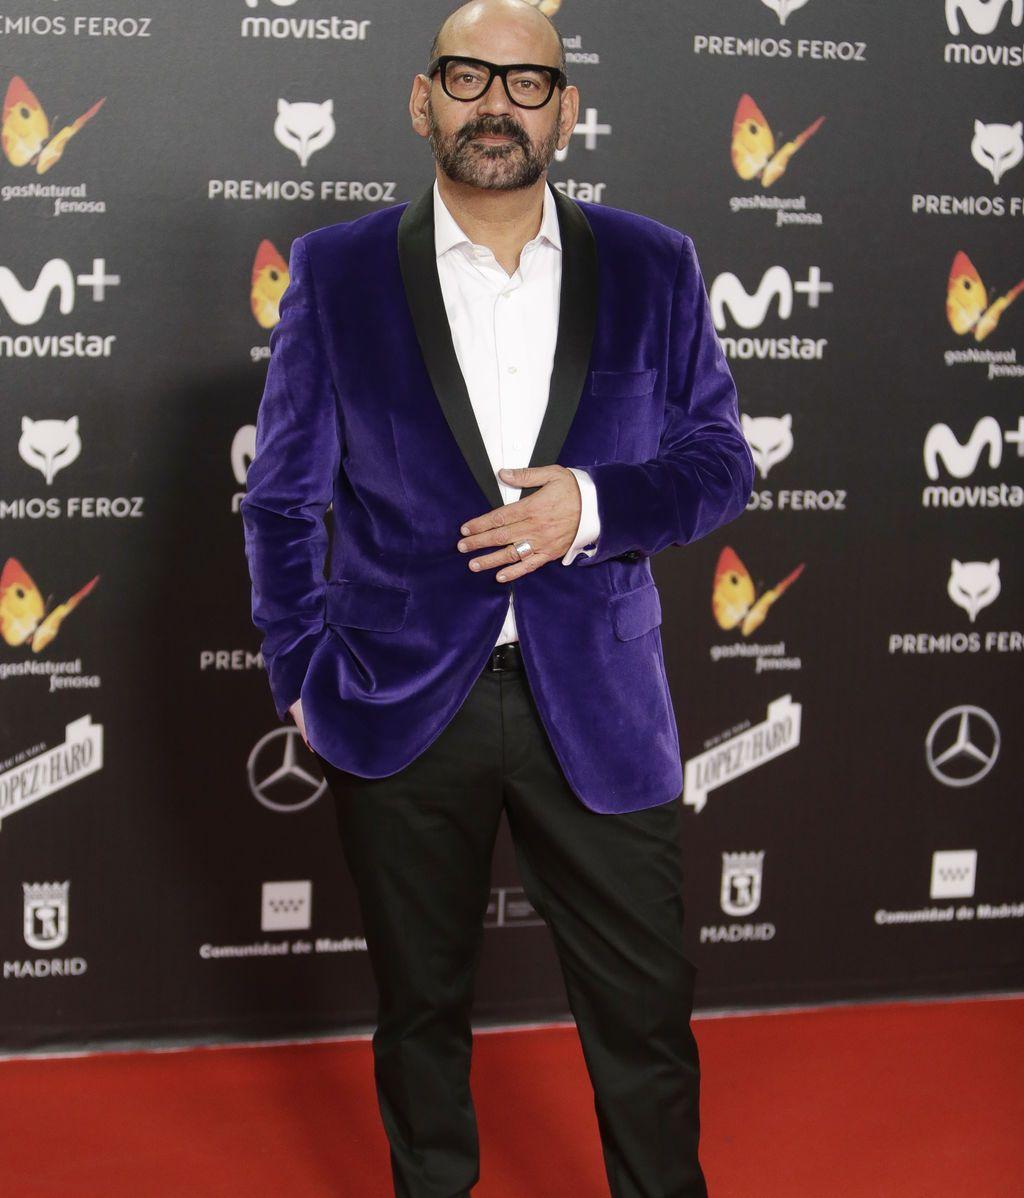 José Corbacho, con americana púrpura, uno de los colores de la temporada